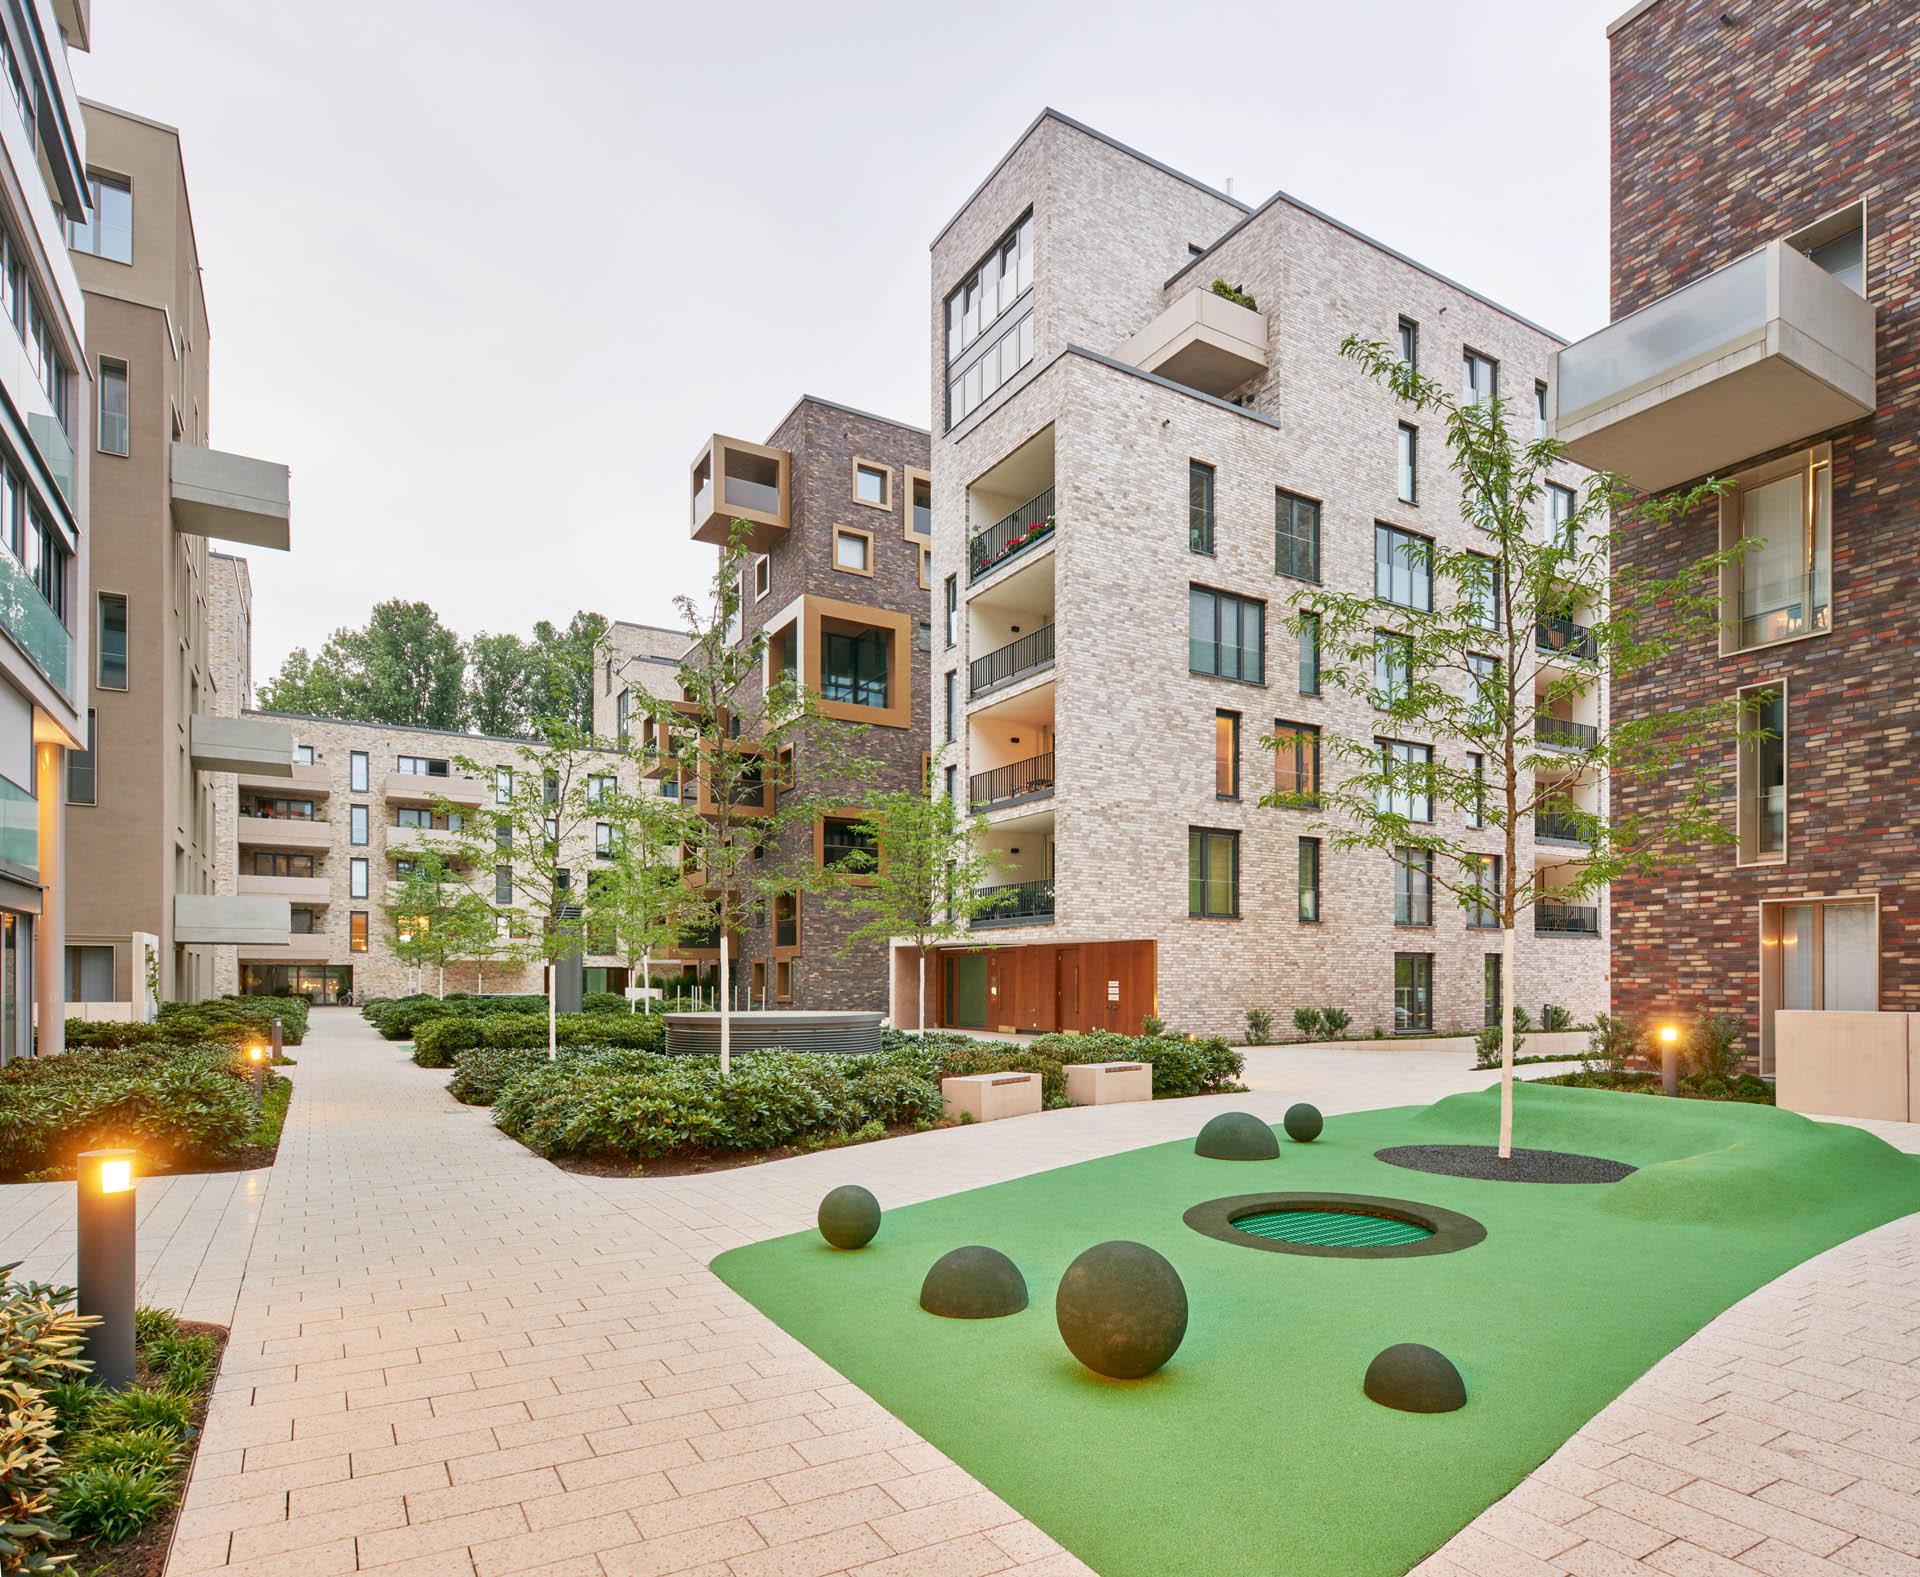 Außenansicht: Pelikan-Areal Hannover, gruppeomp architekten & Cityförster